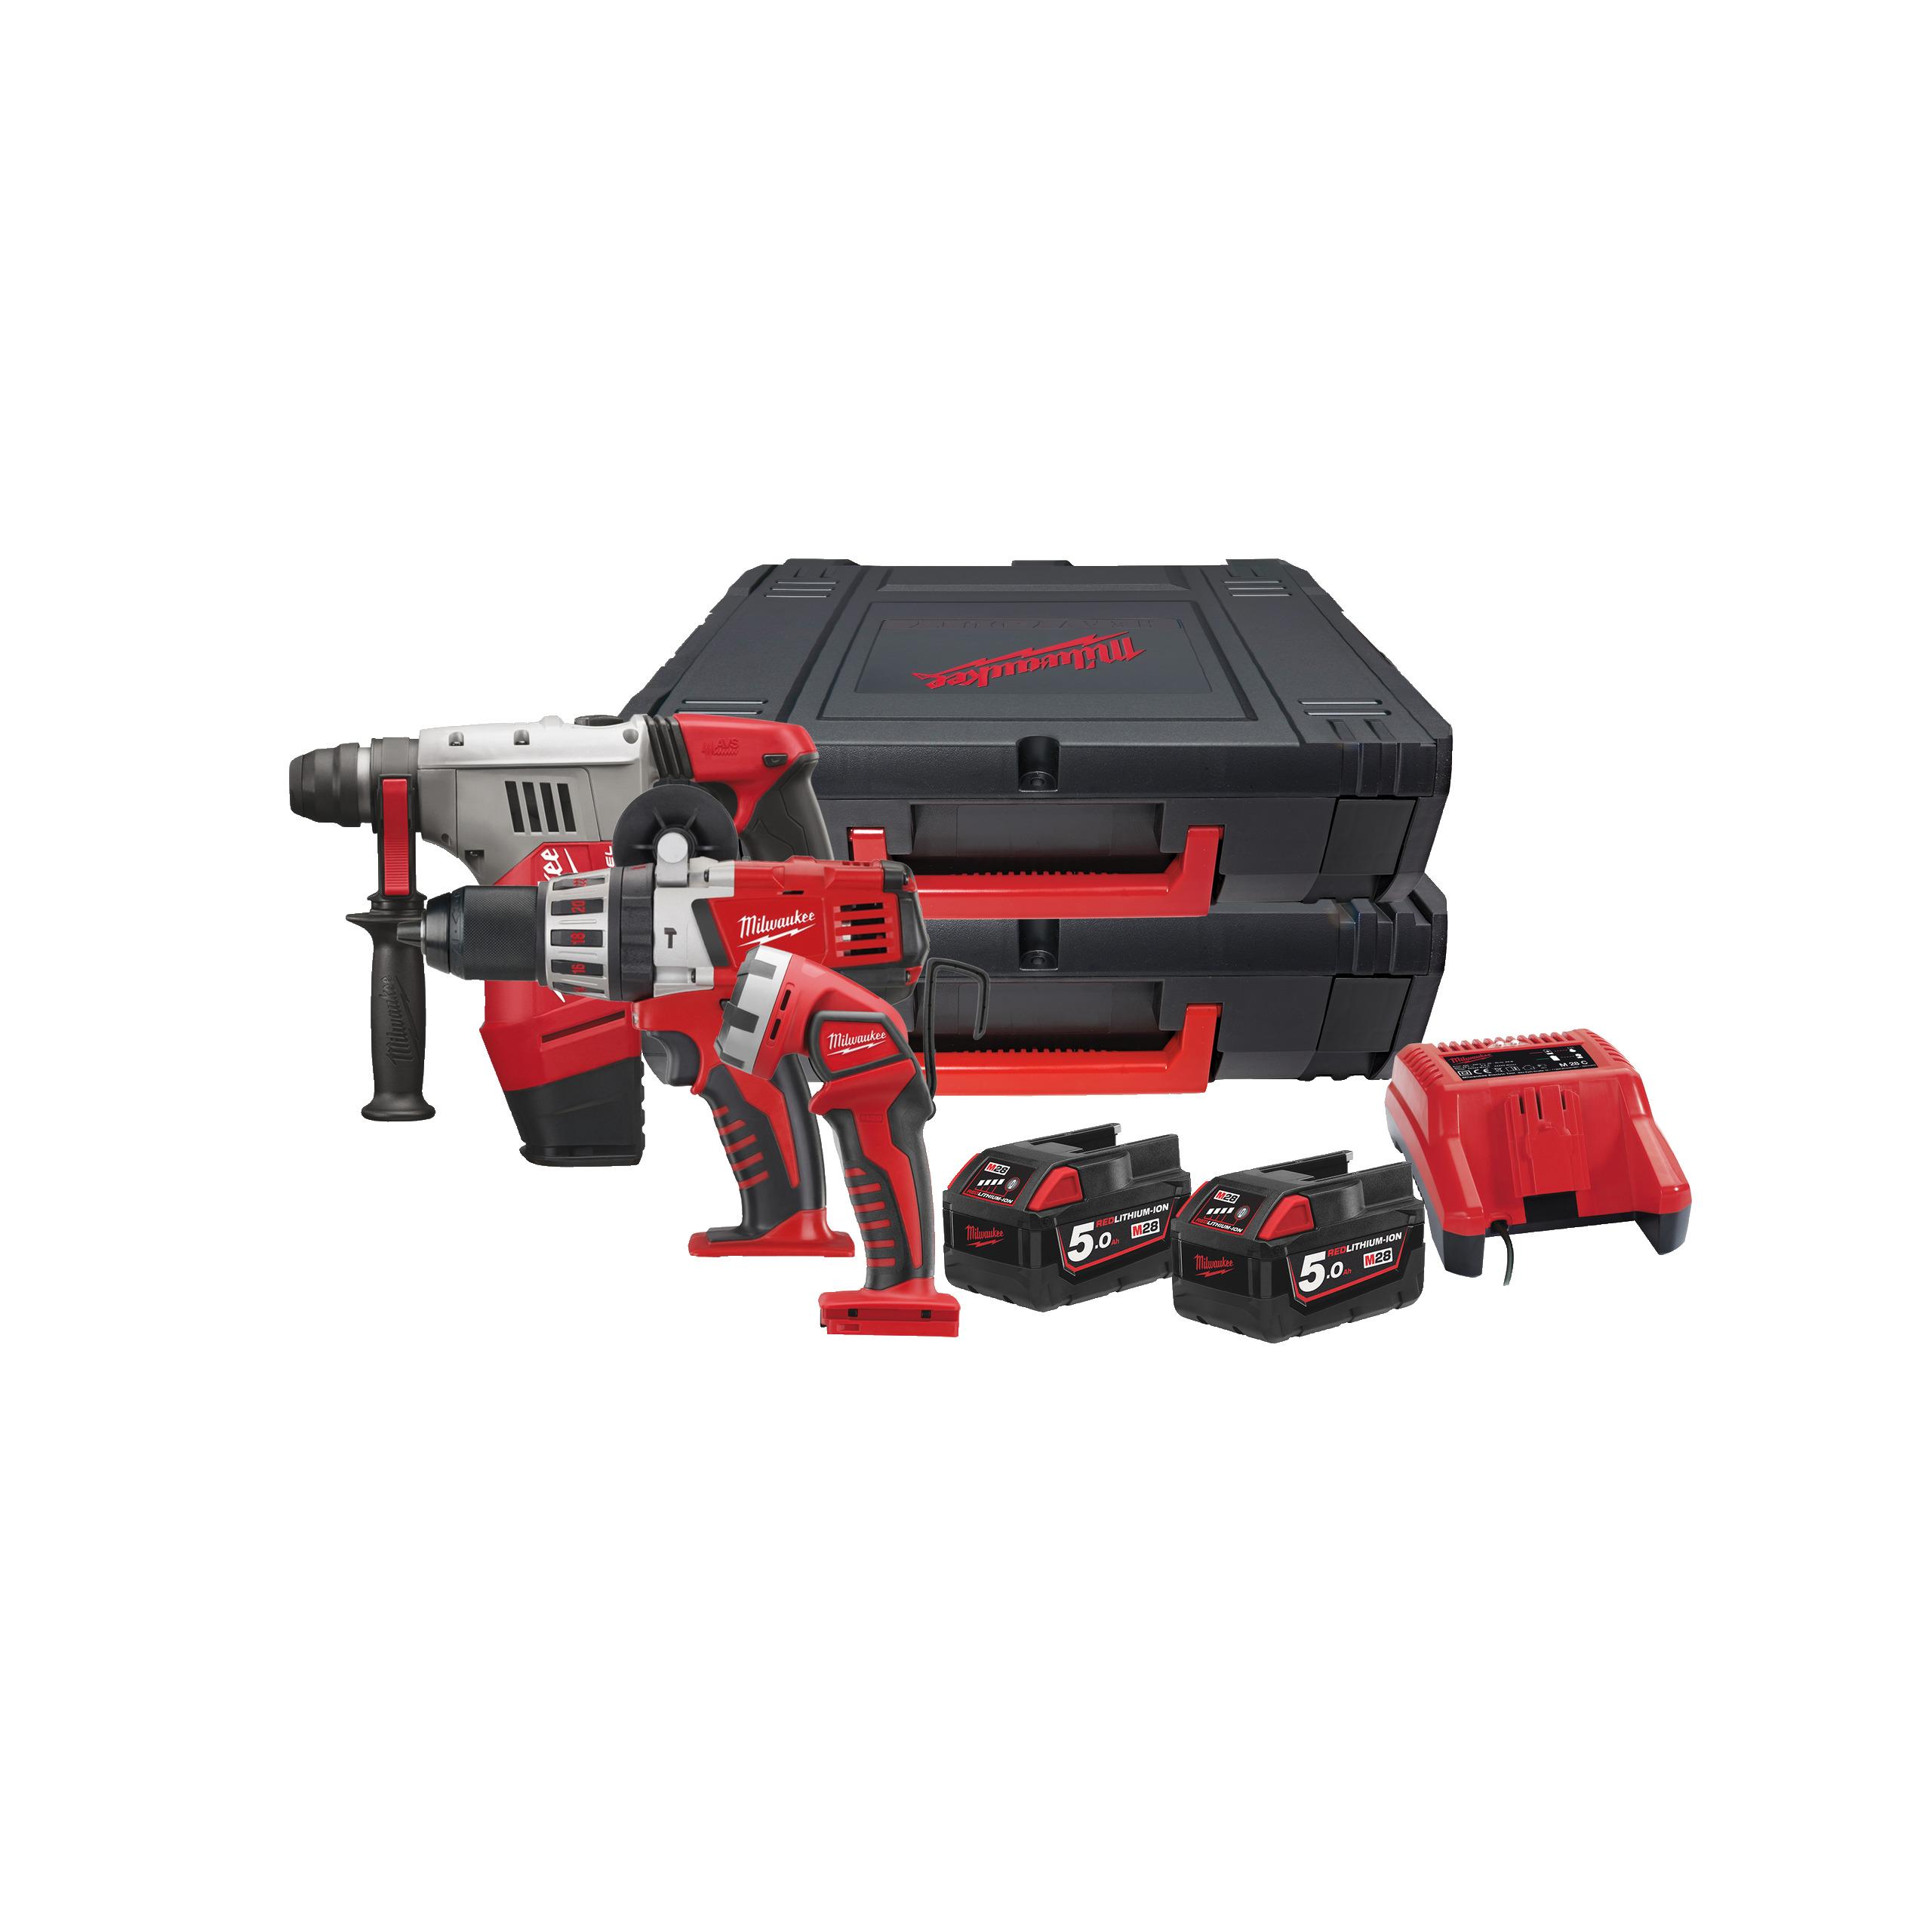 M28™ powerpack